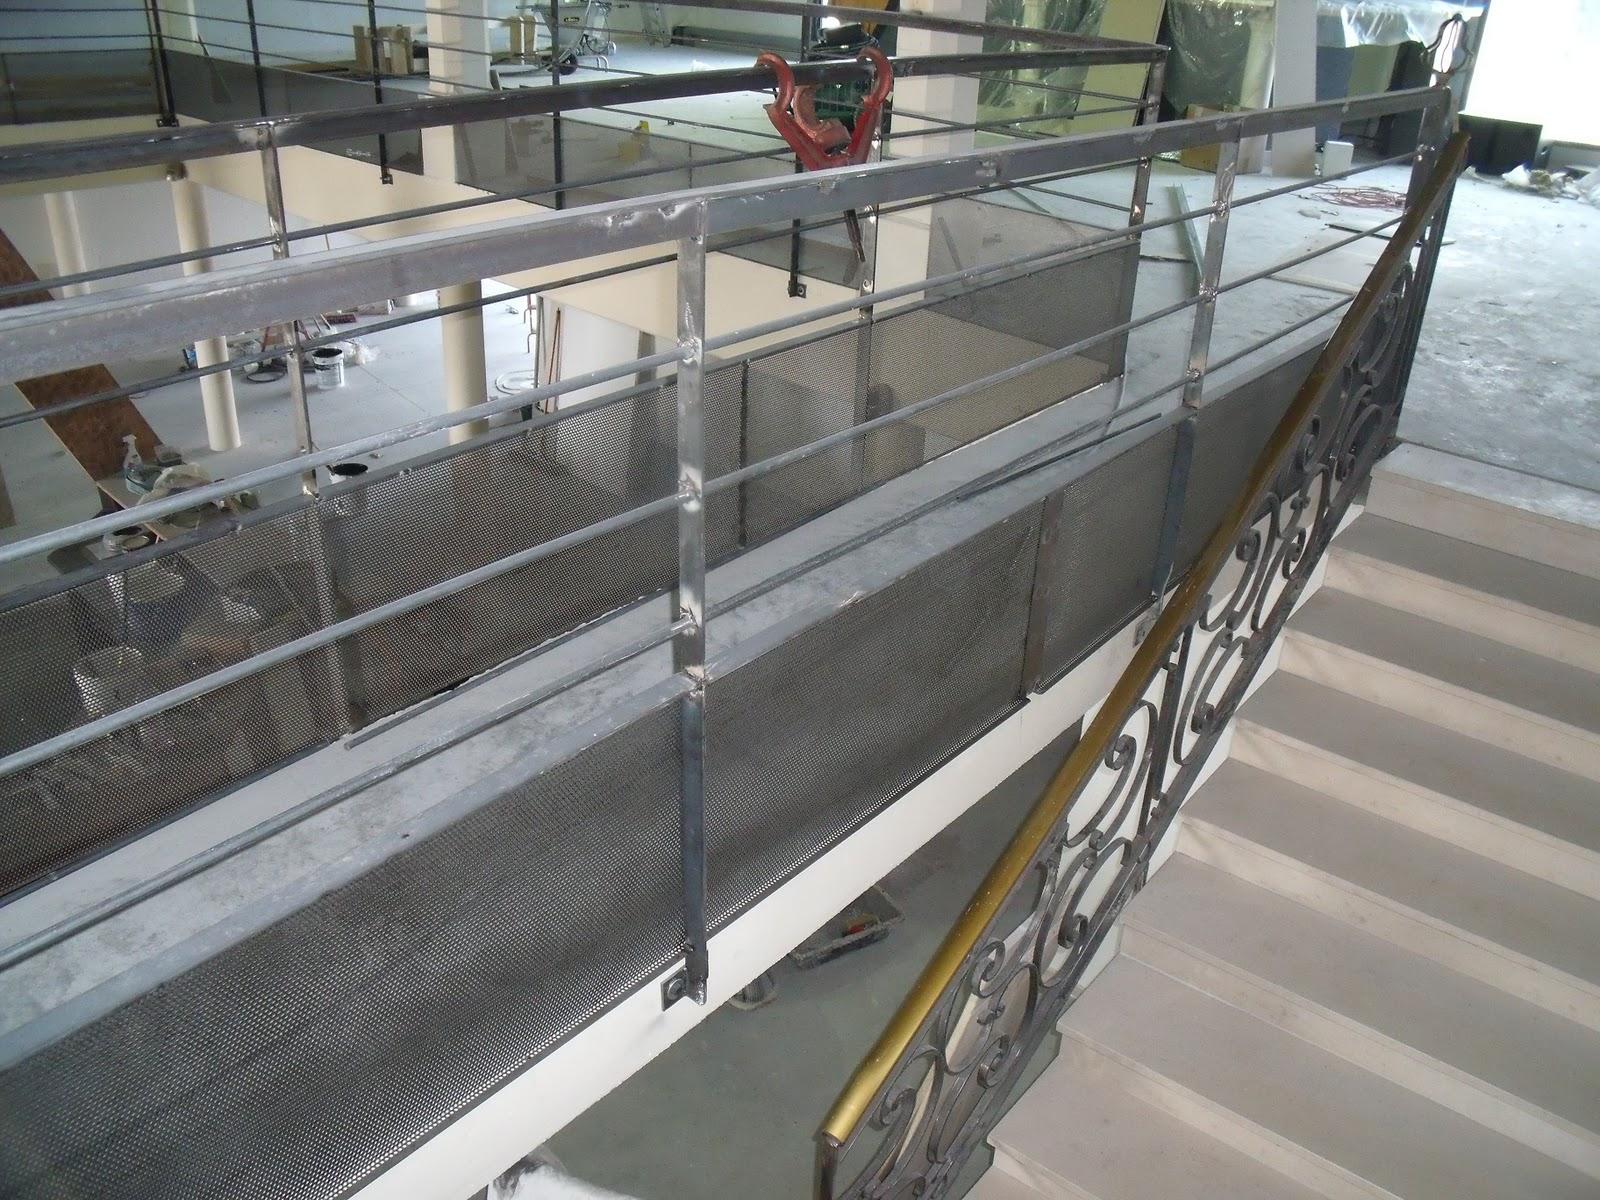 Ferronnerie d 39 art rampe moderne et classique r alis es pour boite de nuit - Ferronnerie d art moderne ...